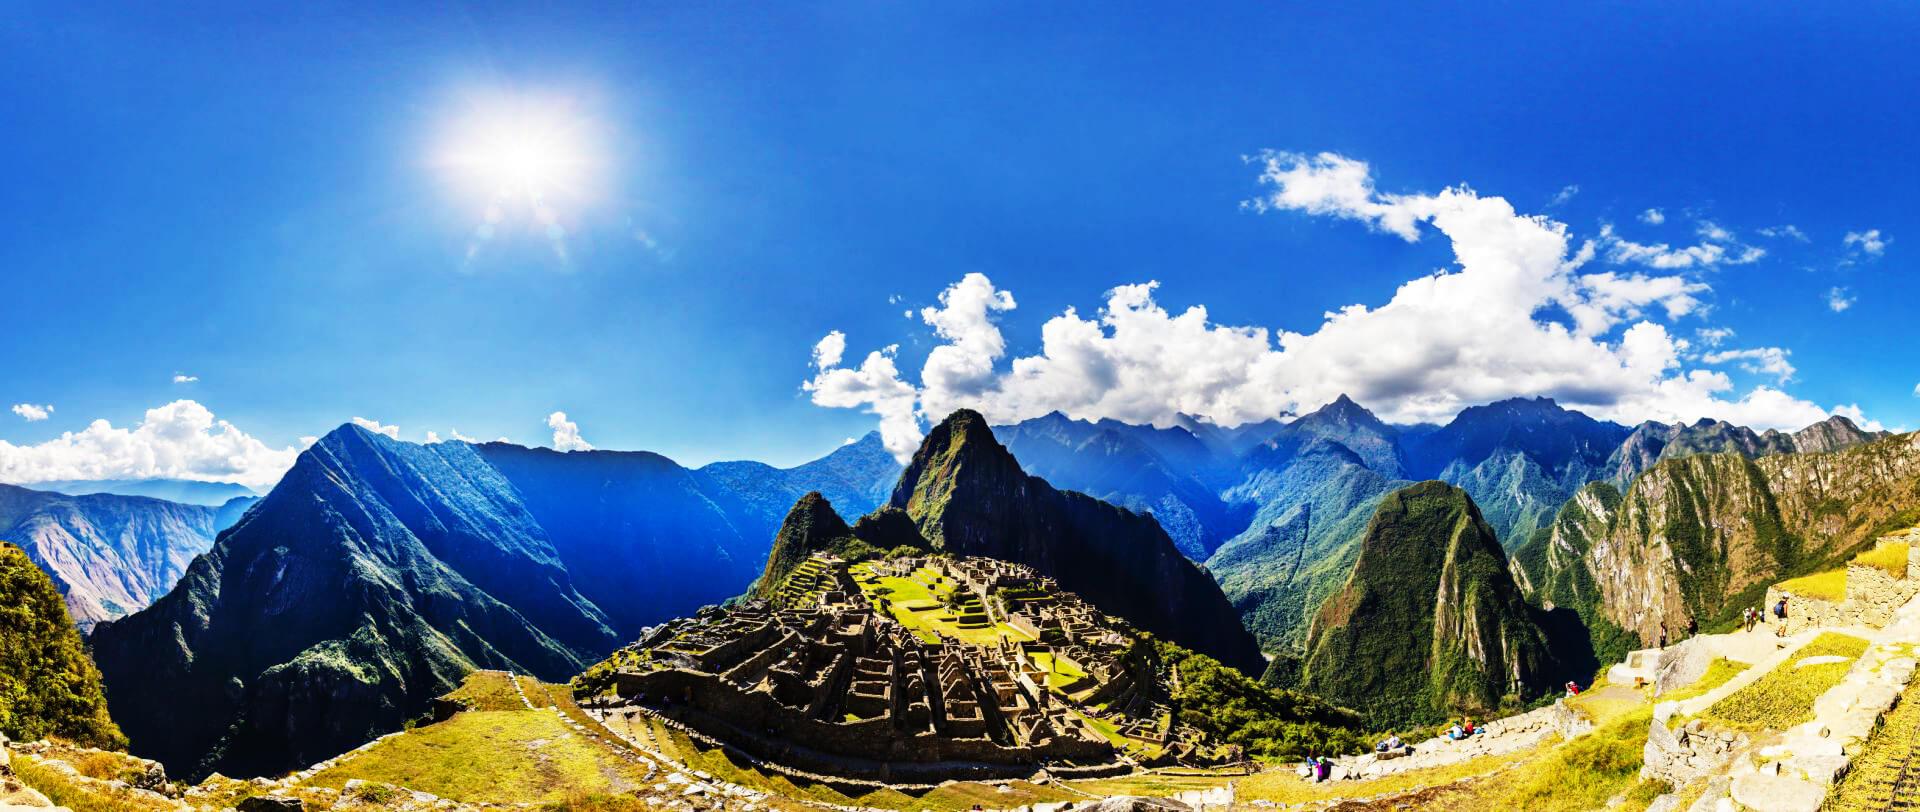 Machu Picchu Information 2021 Update